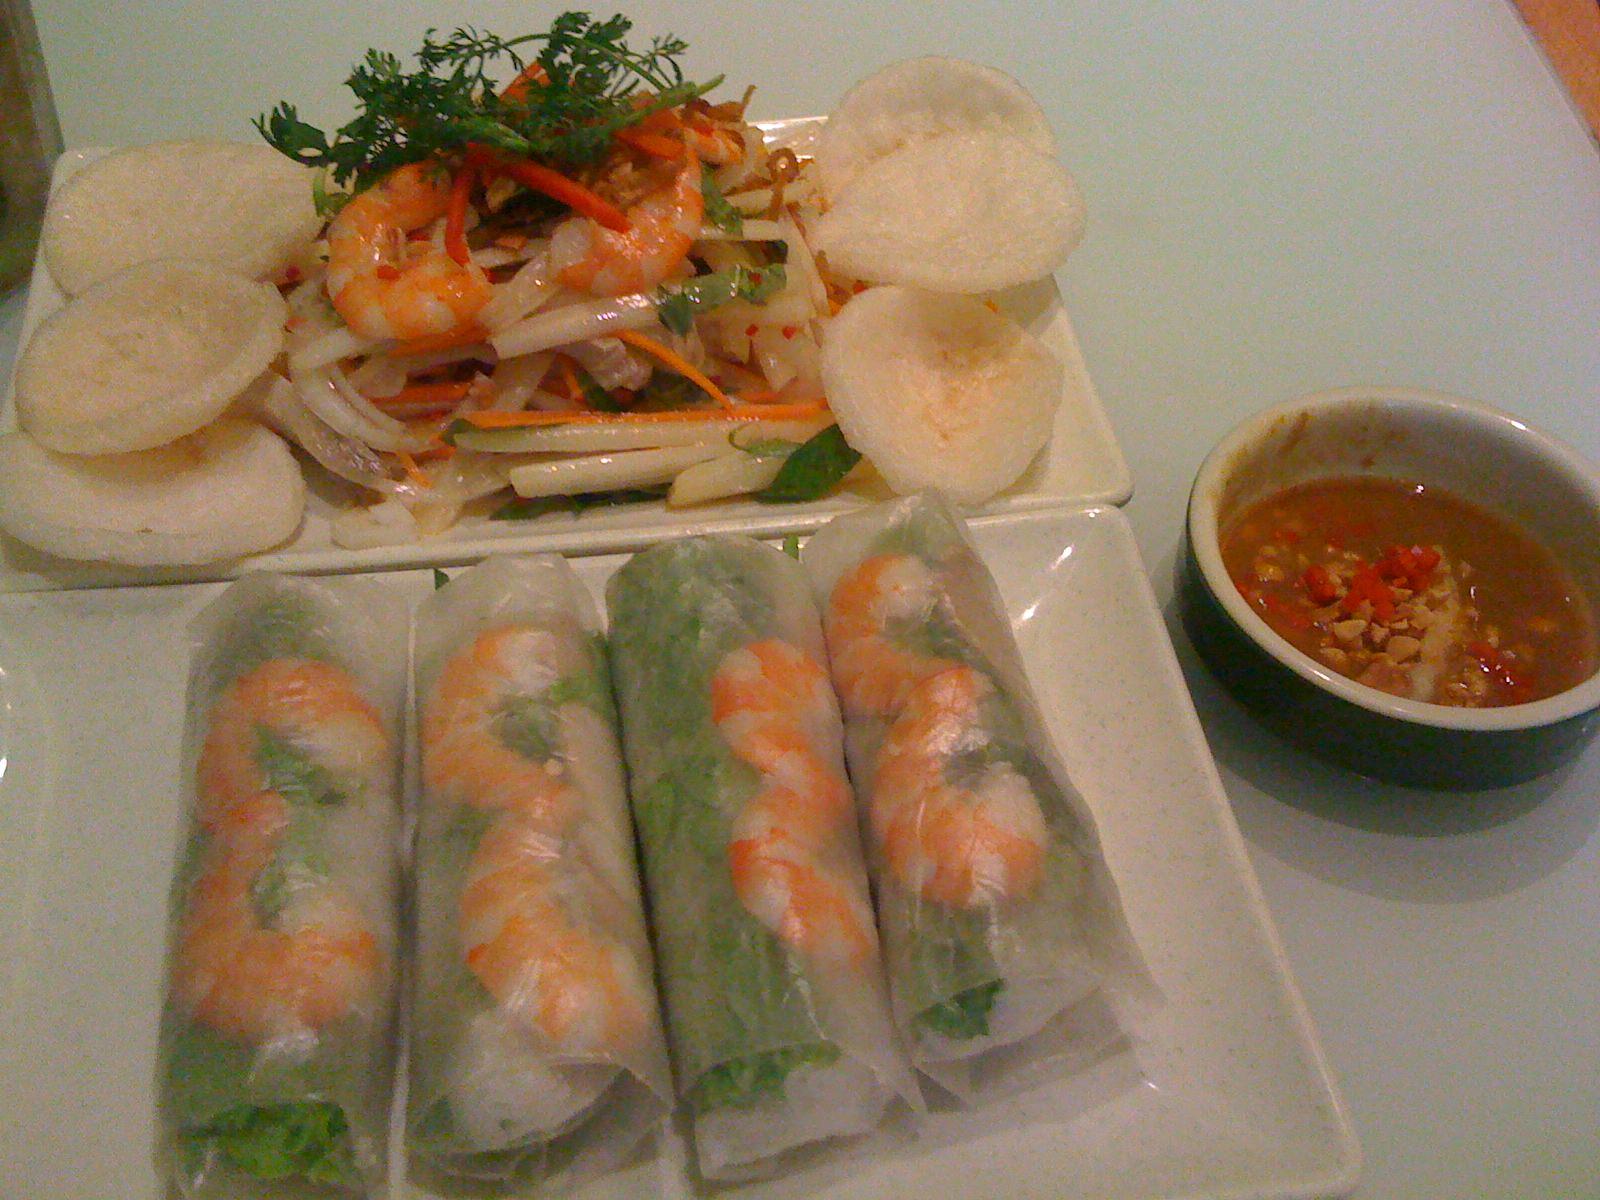 ベトナムの手軽な春巻きチェーン店 Wrap n Roll